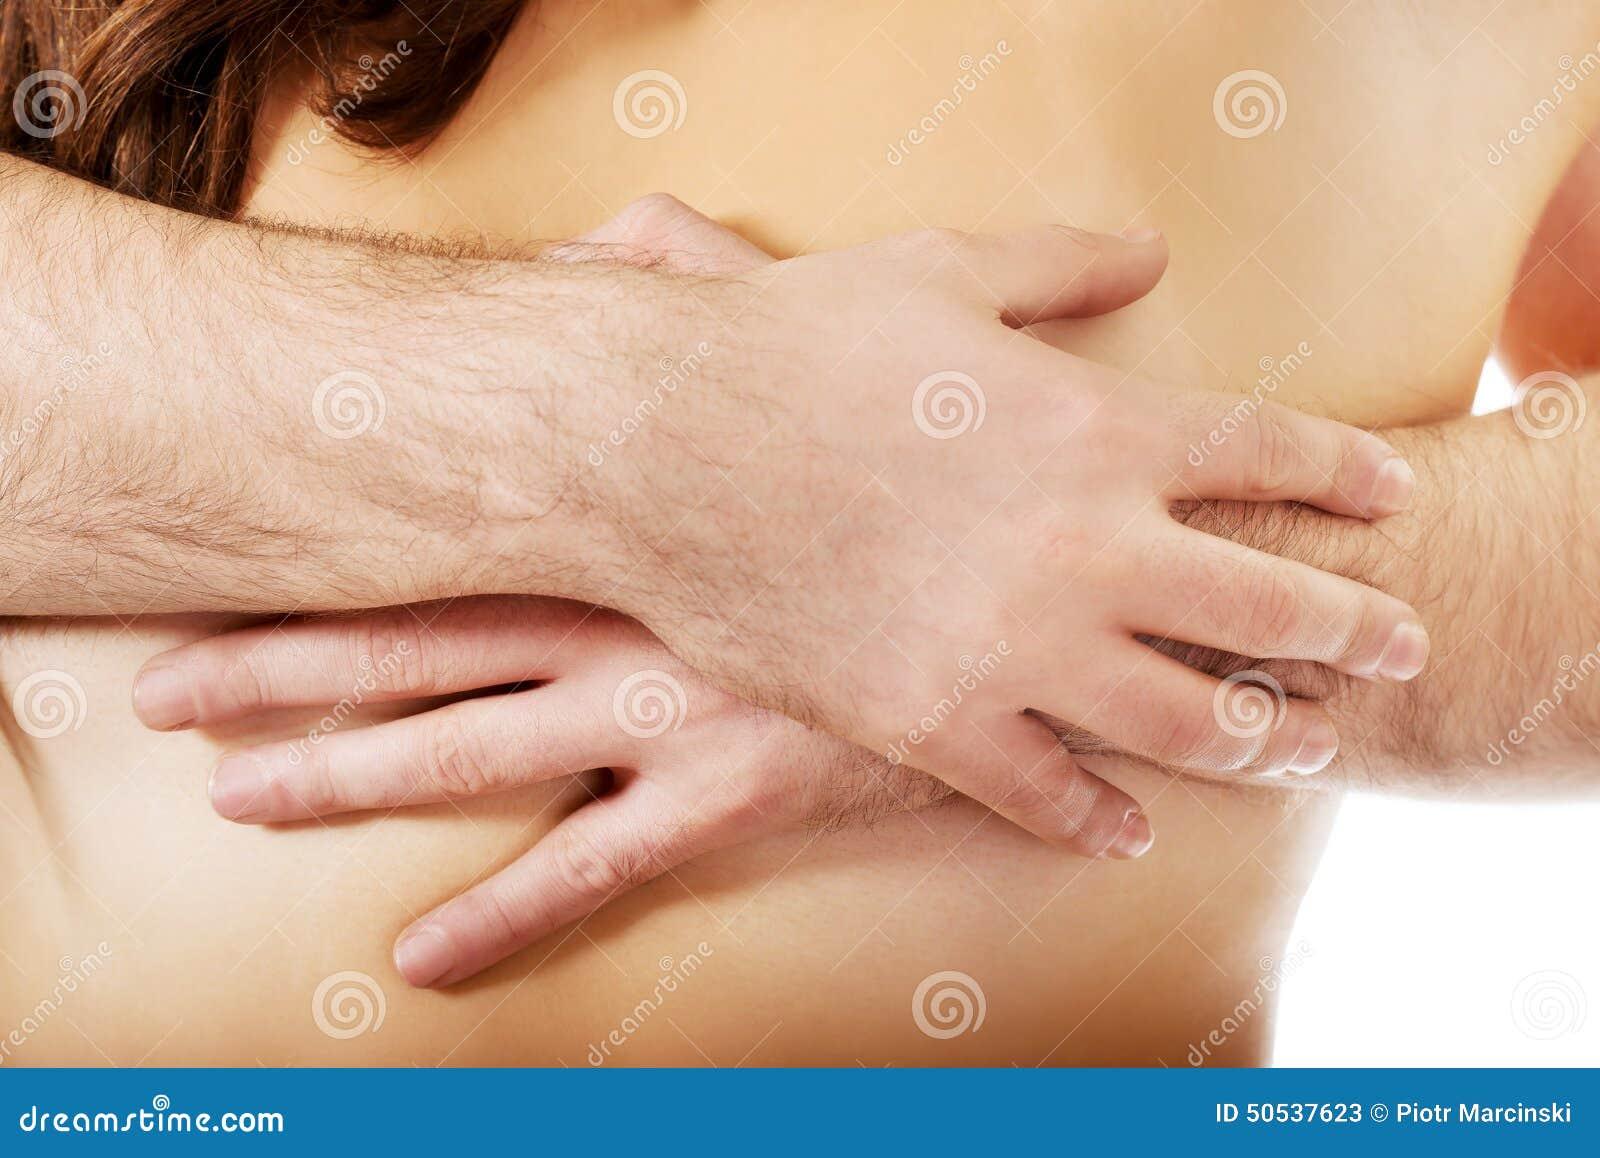 Erotic photos of actress miranda otto